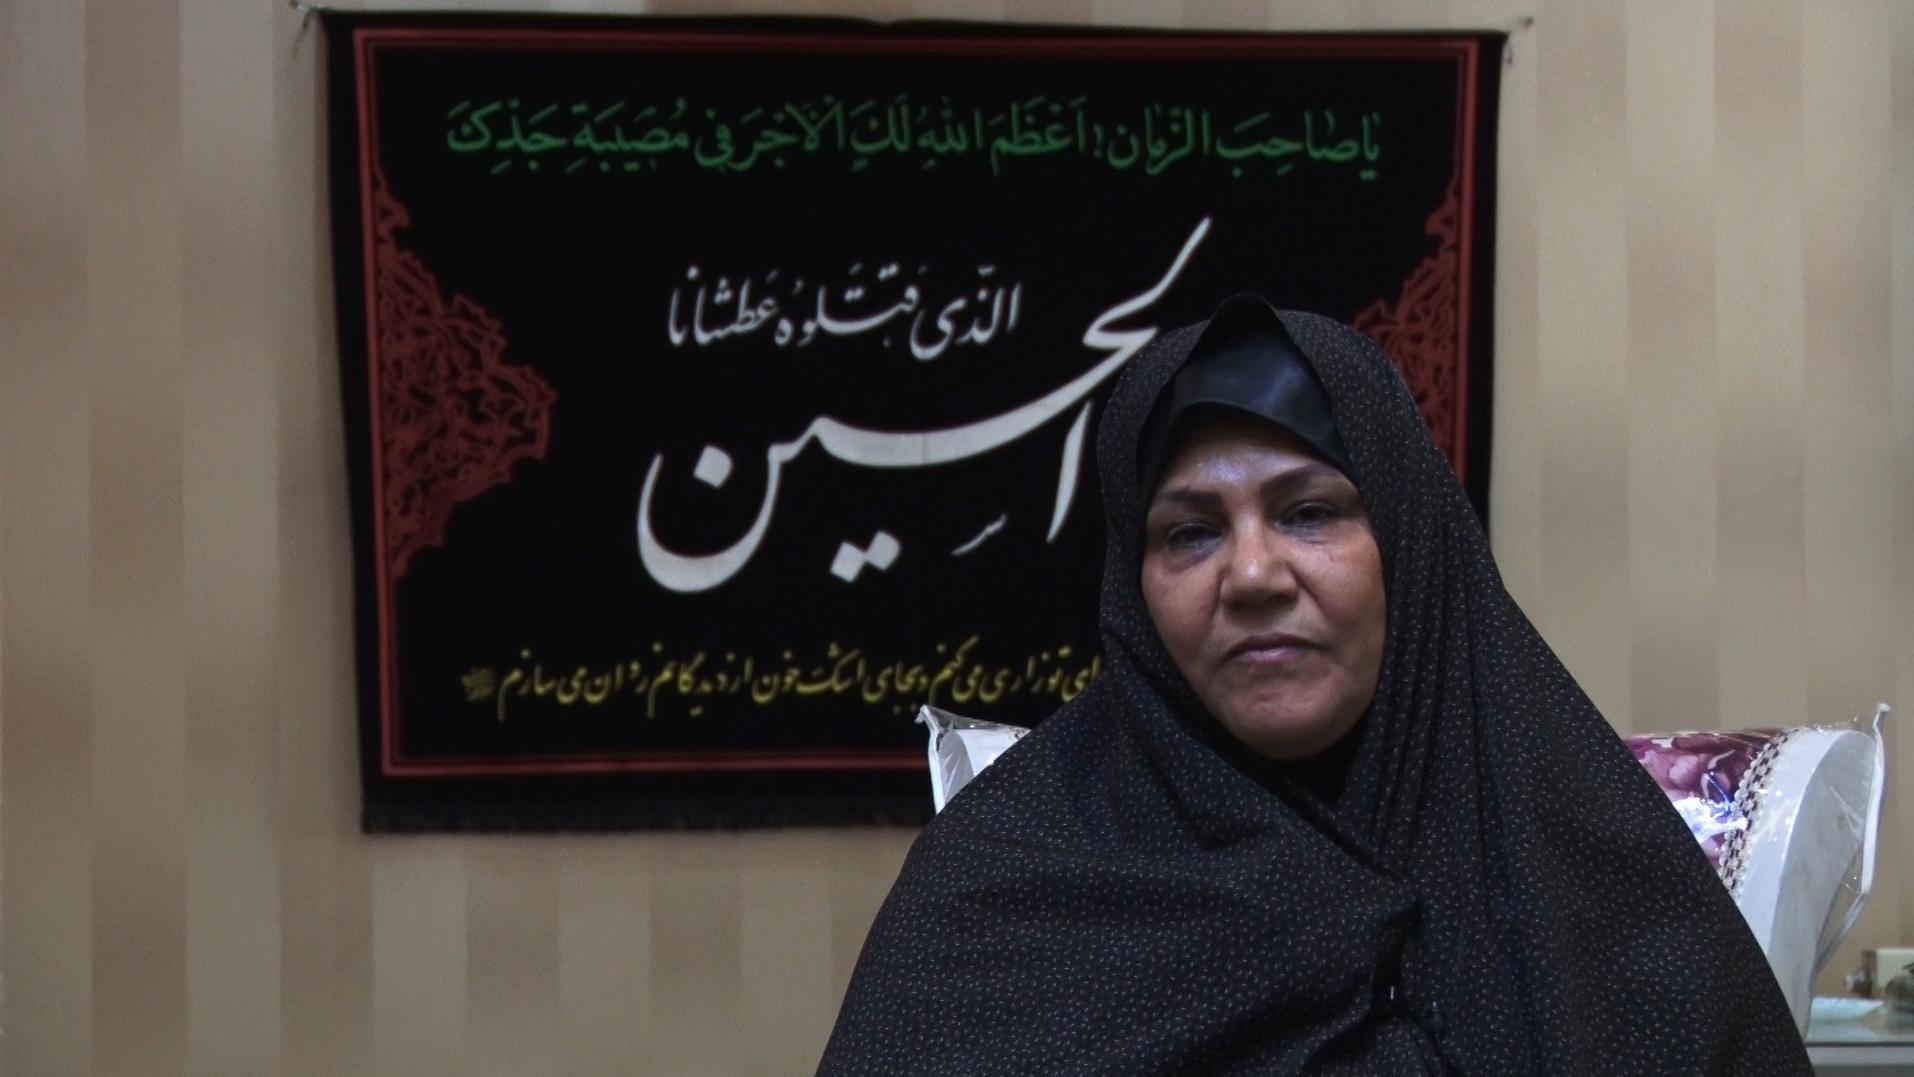 داستان جالب زندگی «حاج محمد» که به وقت اضافه کشید